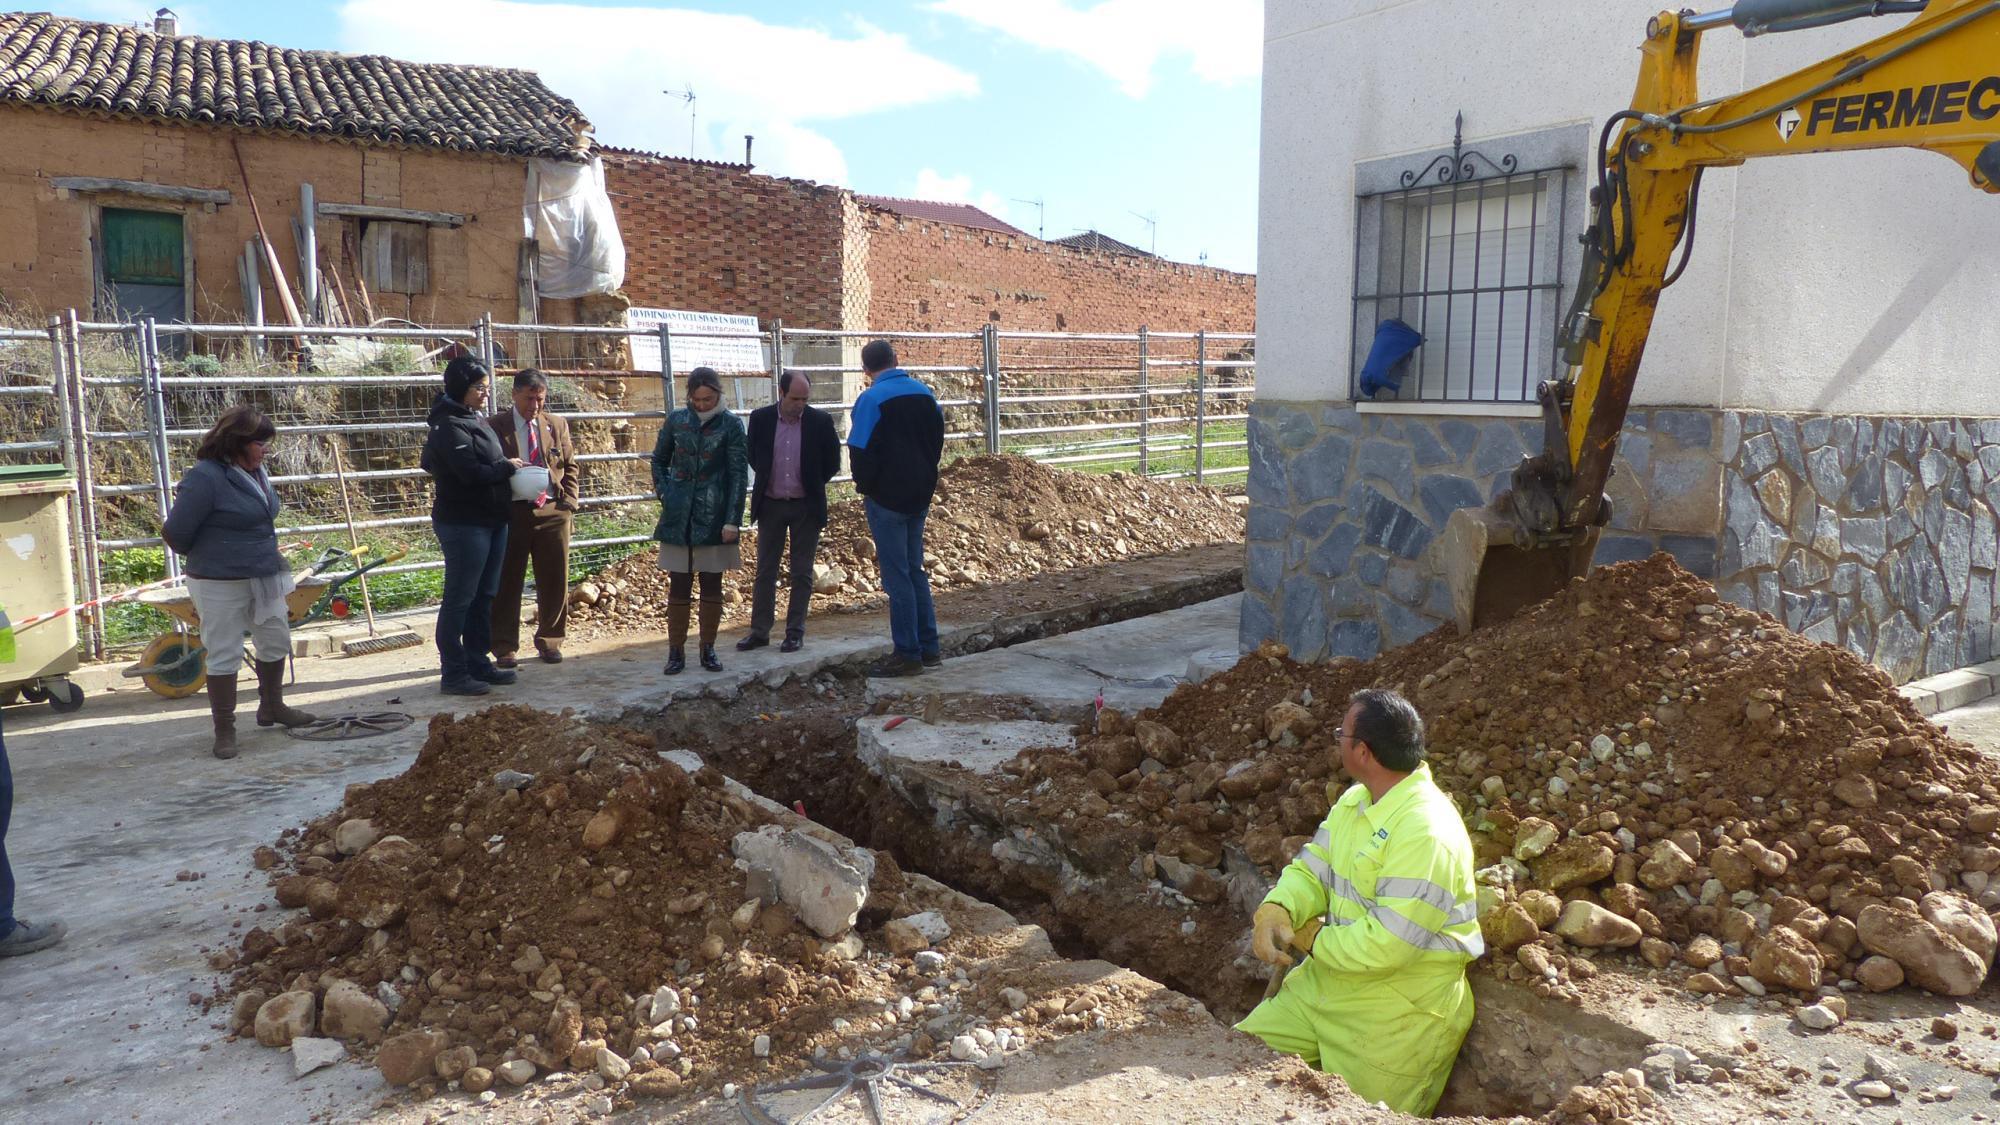 La presidenta de la Diputación se interesa por las obras de renovación de redes y pavimentación que se están ejecutando en Espinosa de Henares